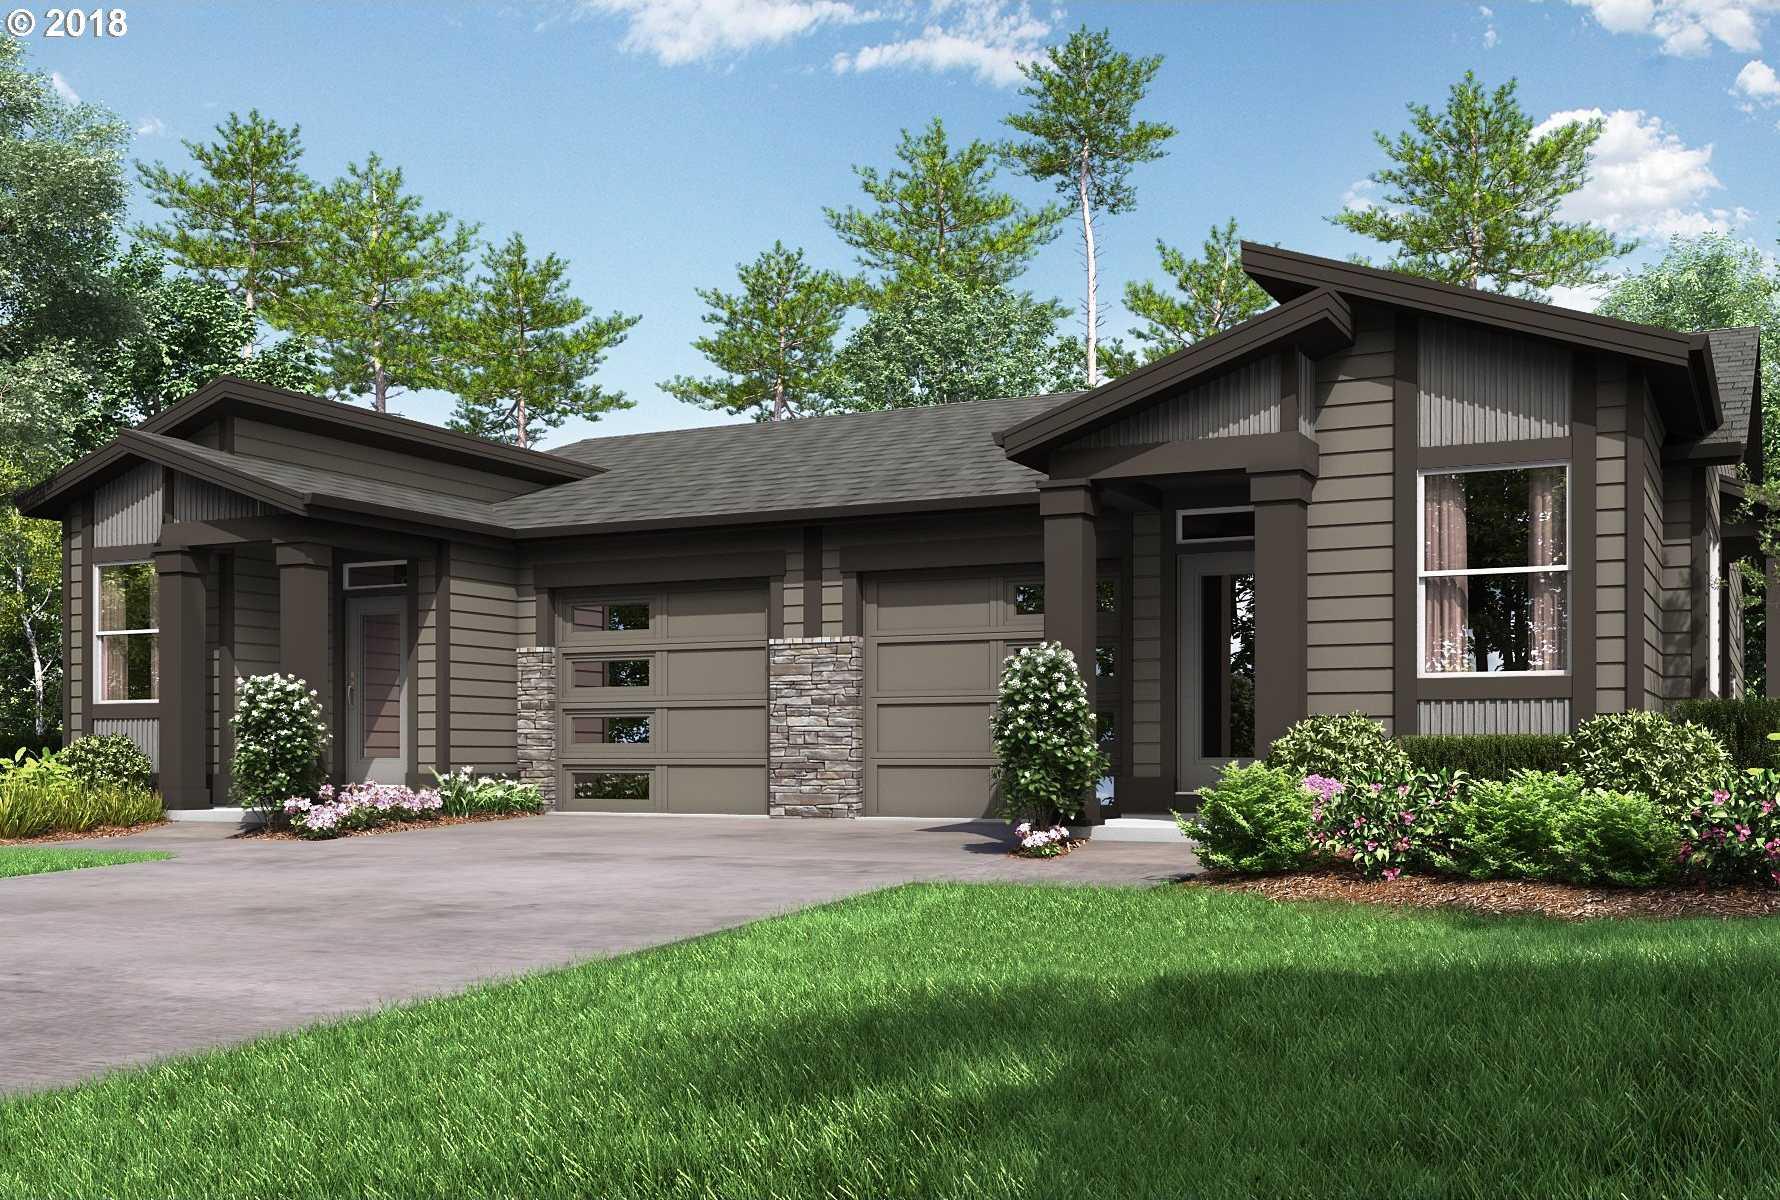 $388,450 - 2Br/2Ba -  for Sale in Rosedale Parks, Hillsboro